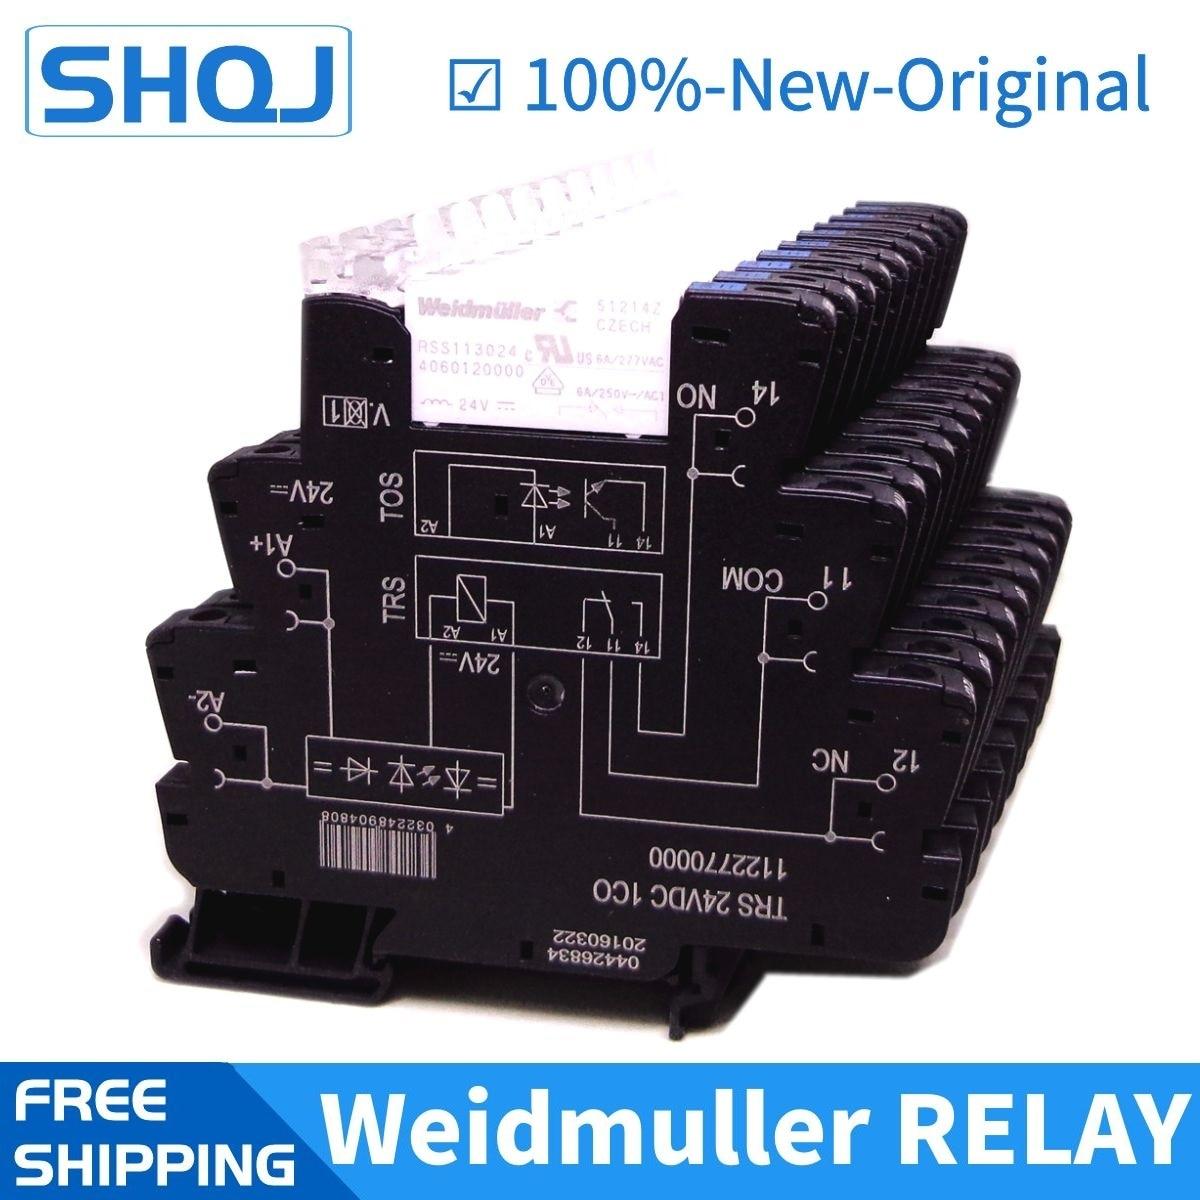 5 قطعة Weidmuller سليم التتابع TRS 24VDC 1CO 1122770000 A6 العلامة التجارية الجديدة والأصلية شريحة التتابع